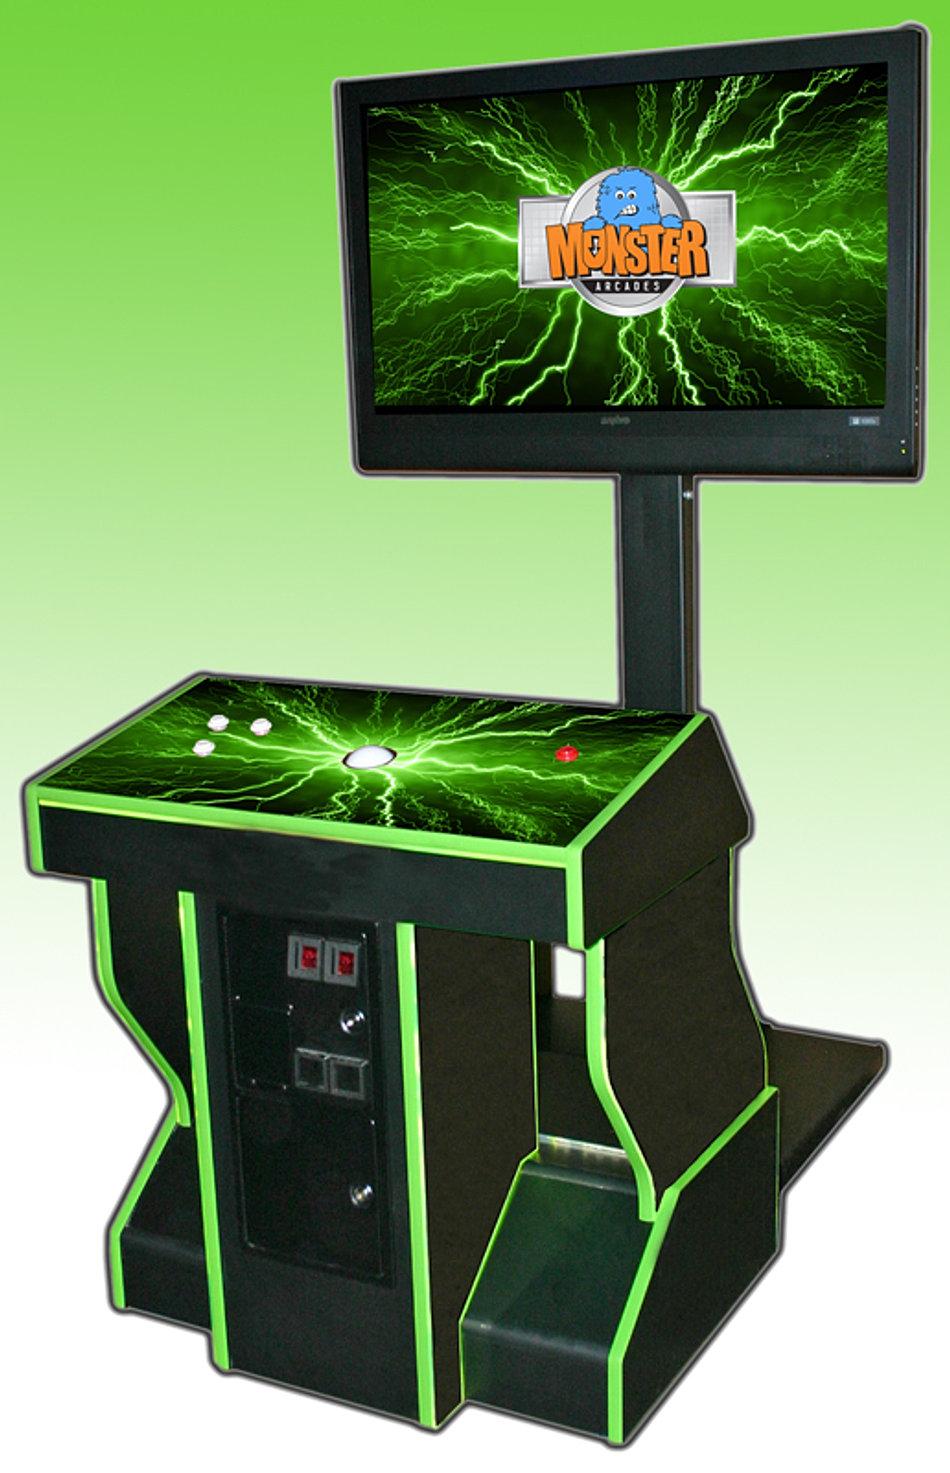 Pedestal Arcade